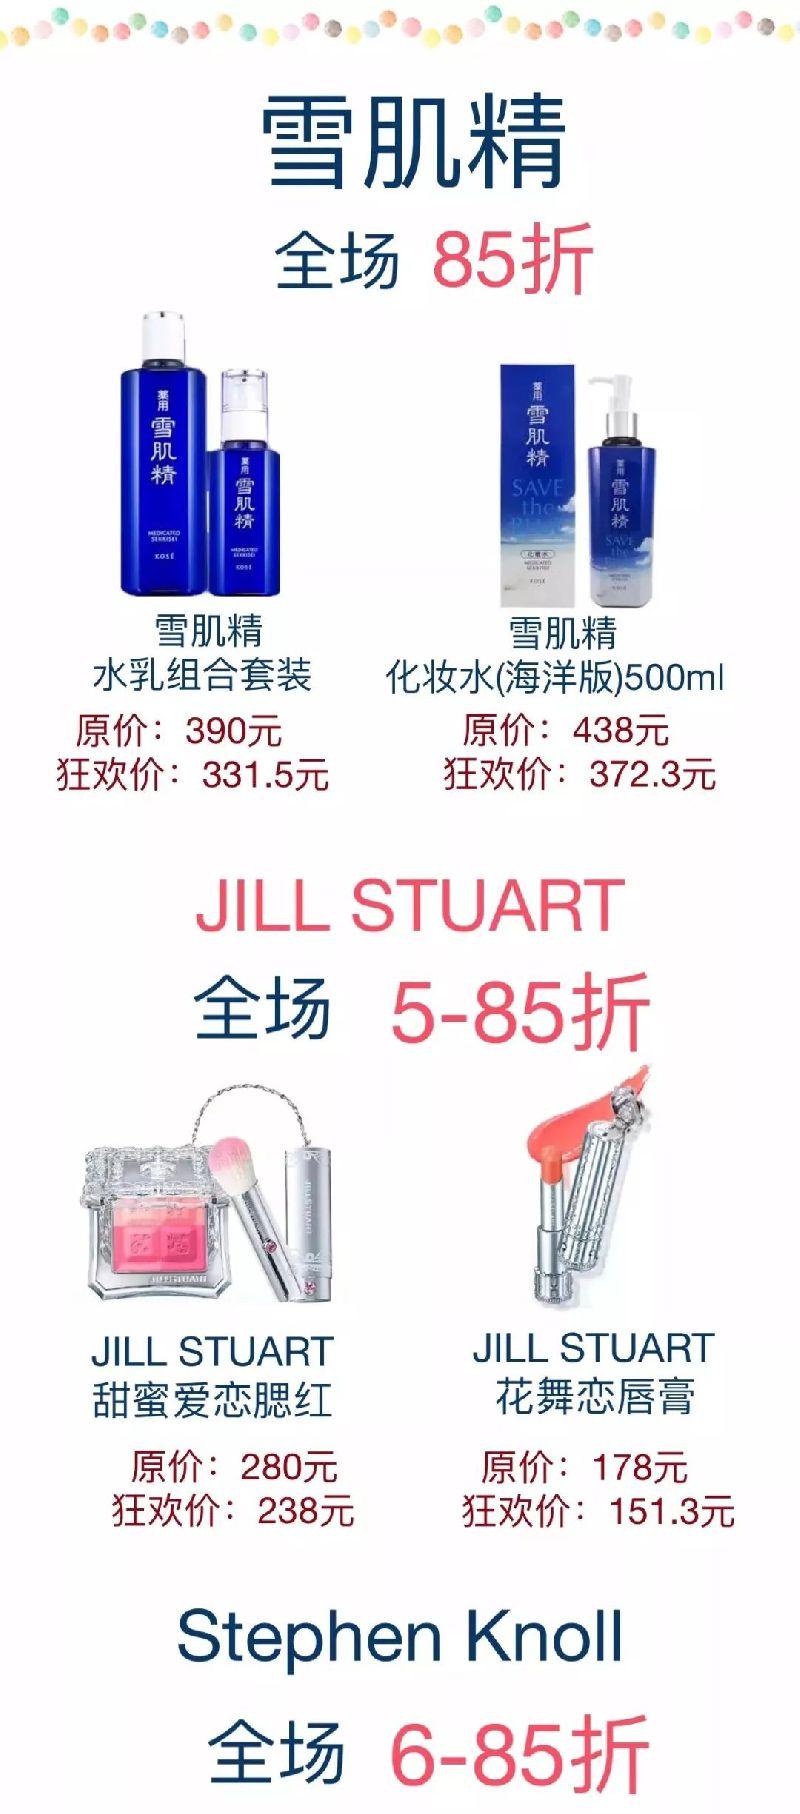 中服上海免税店圣诞狂欢 满2000减250元